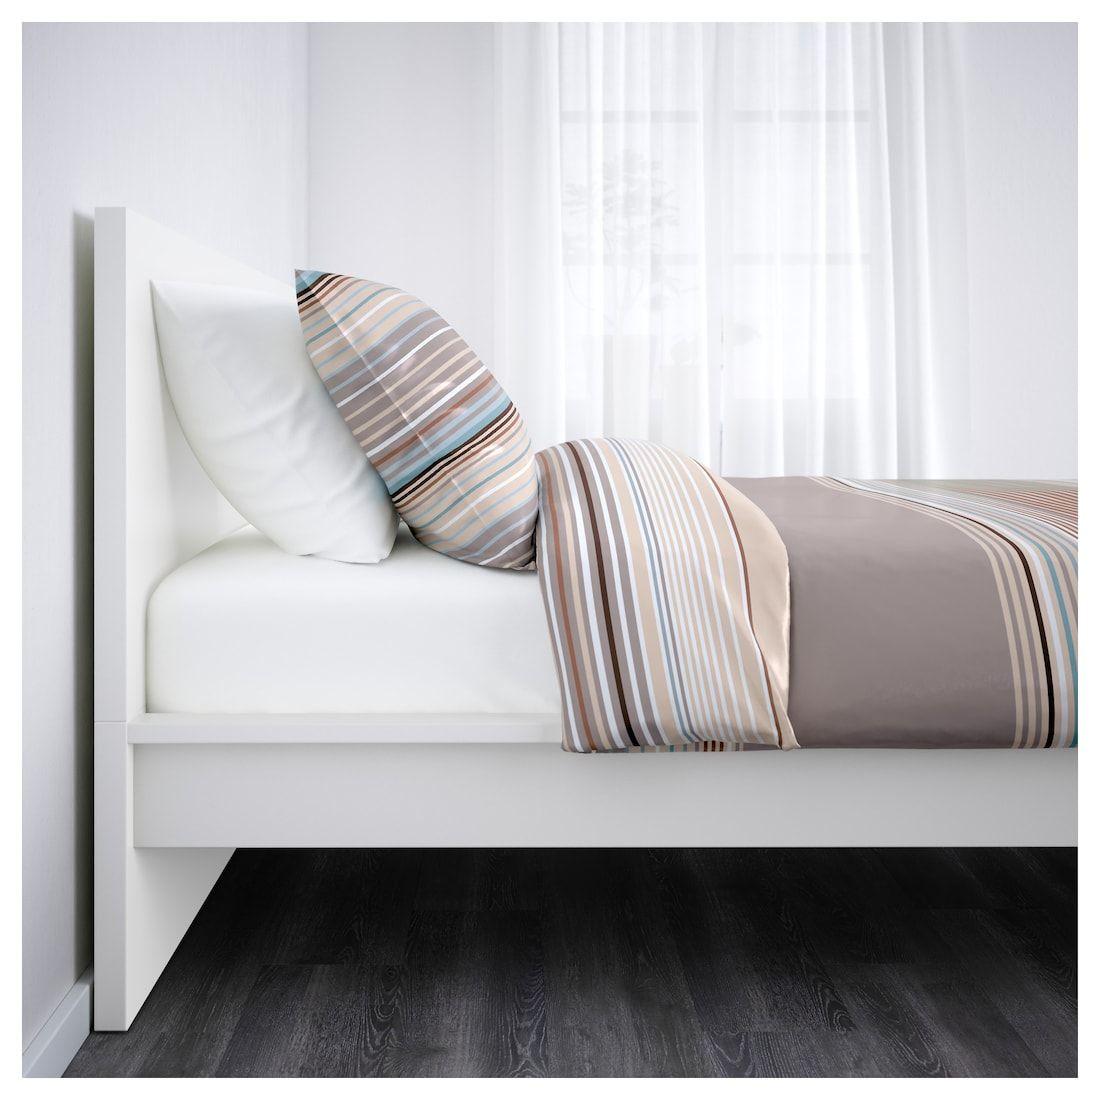 Malm Bettgestell Hoch Weiss Ikea Deutschland Verstellbare Betten Bettgestell Bett Ideen